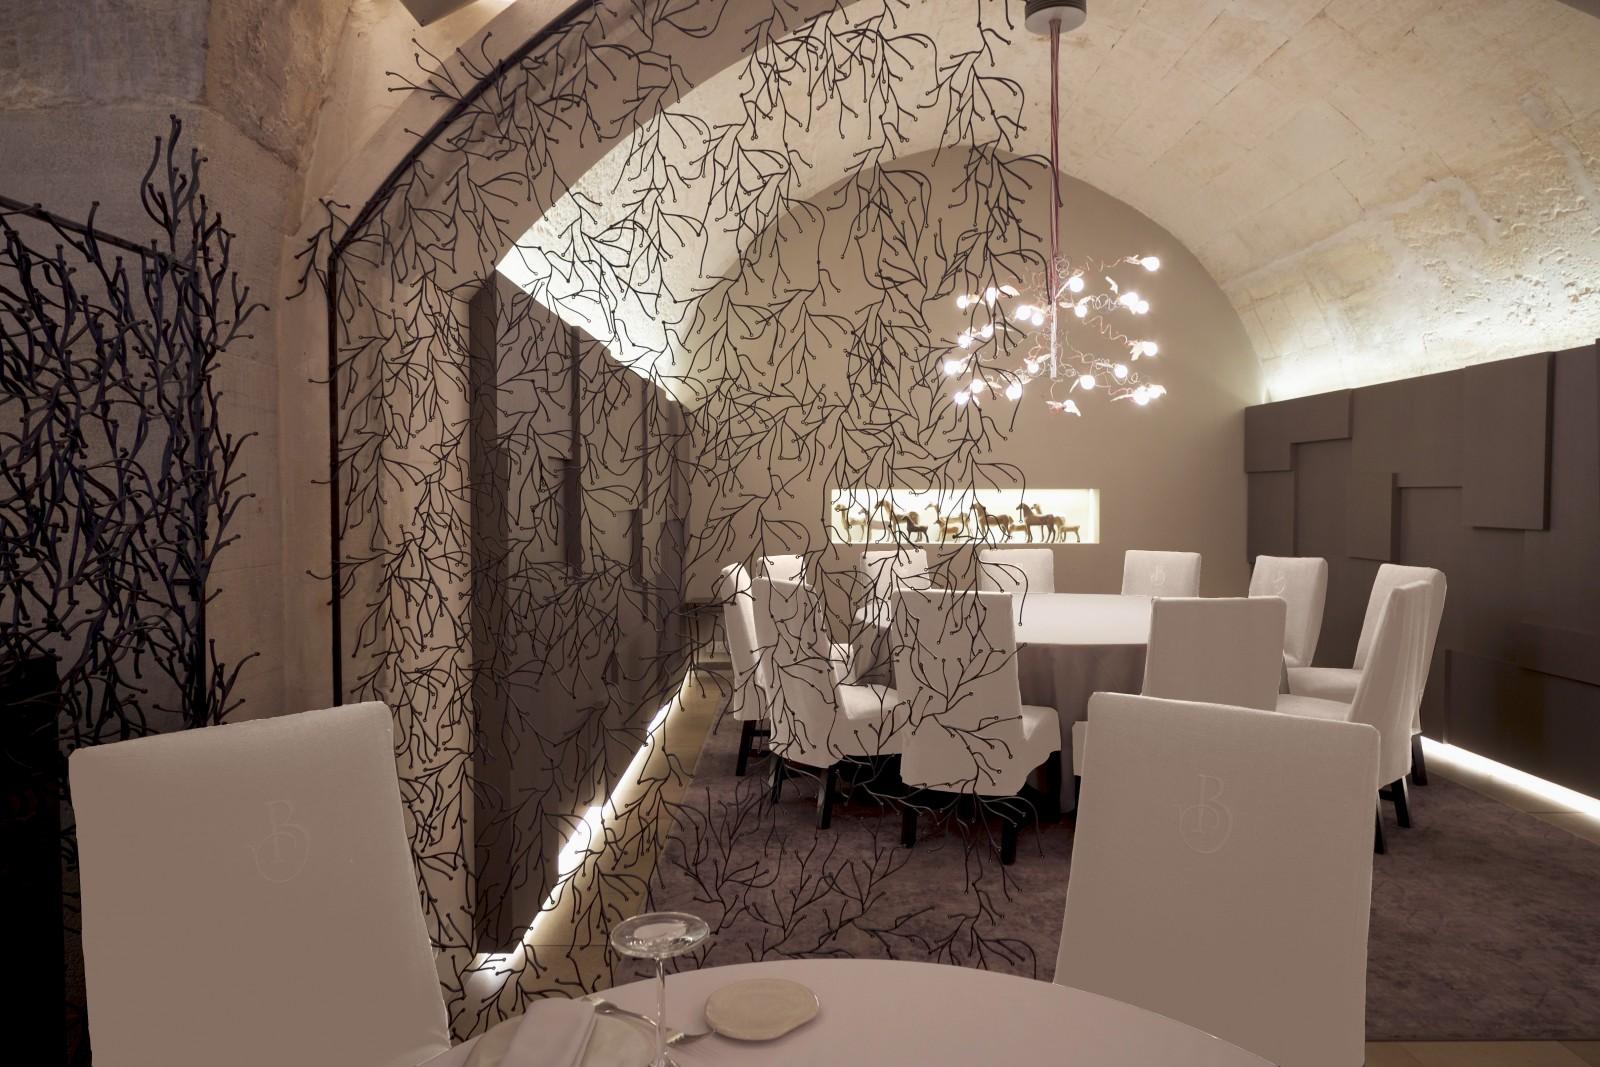 Restaurant Baumanière - Studio Divo - Architecture d'intérieur